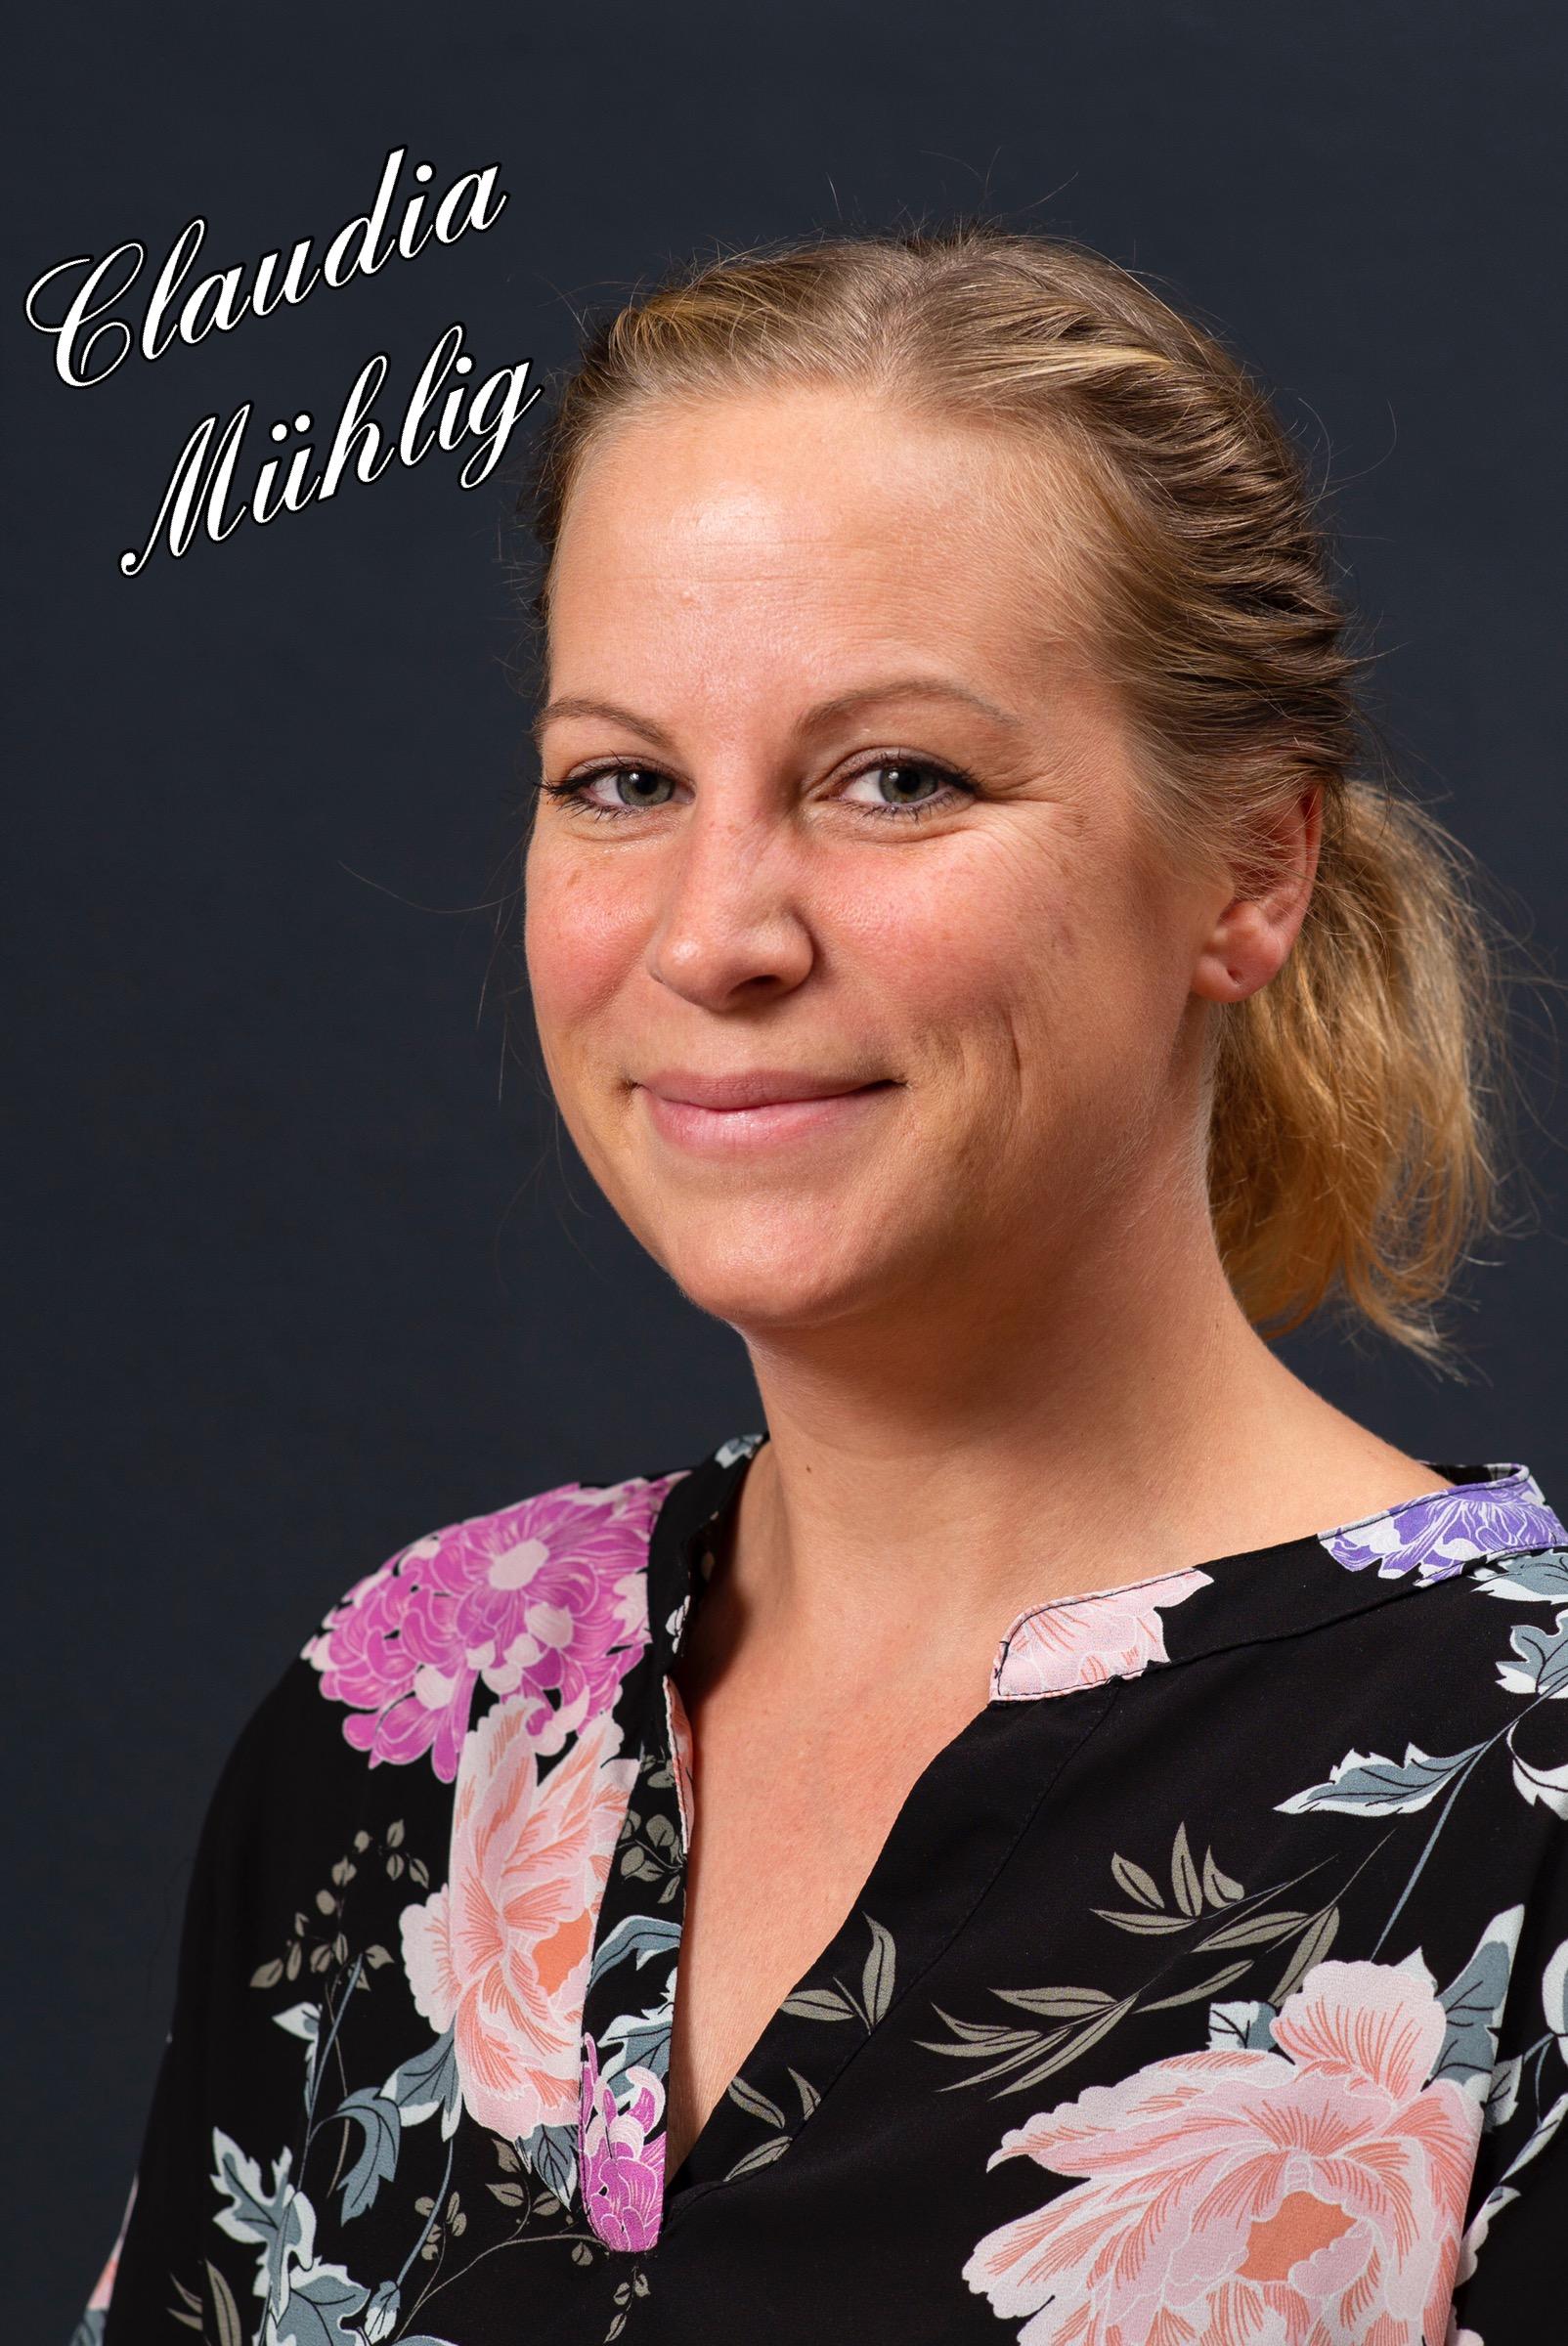 Claudia Mühlig